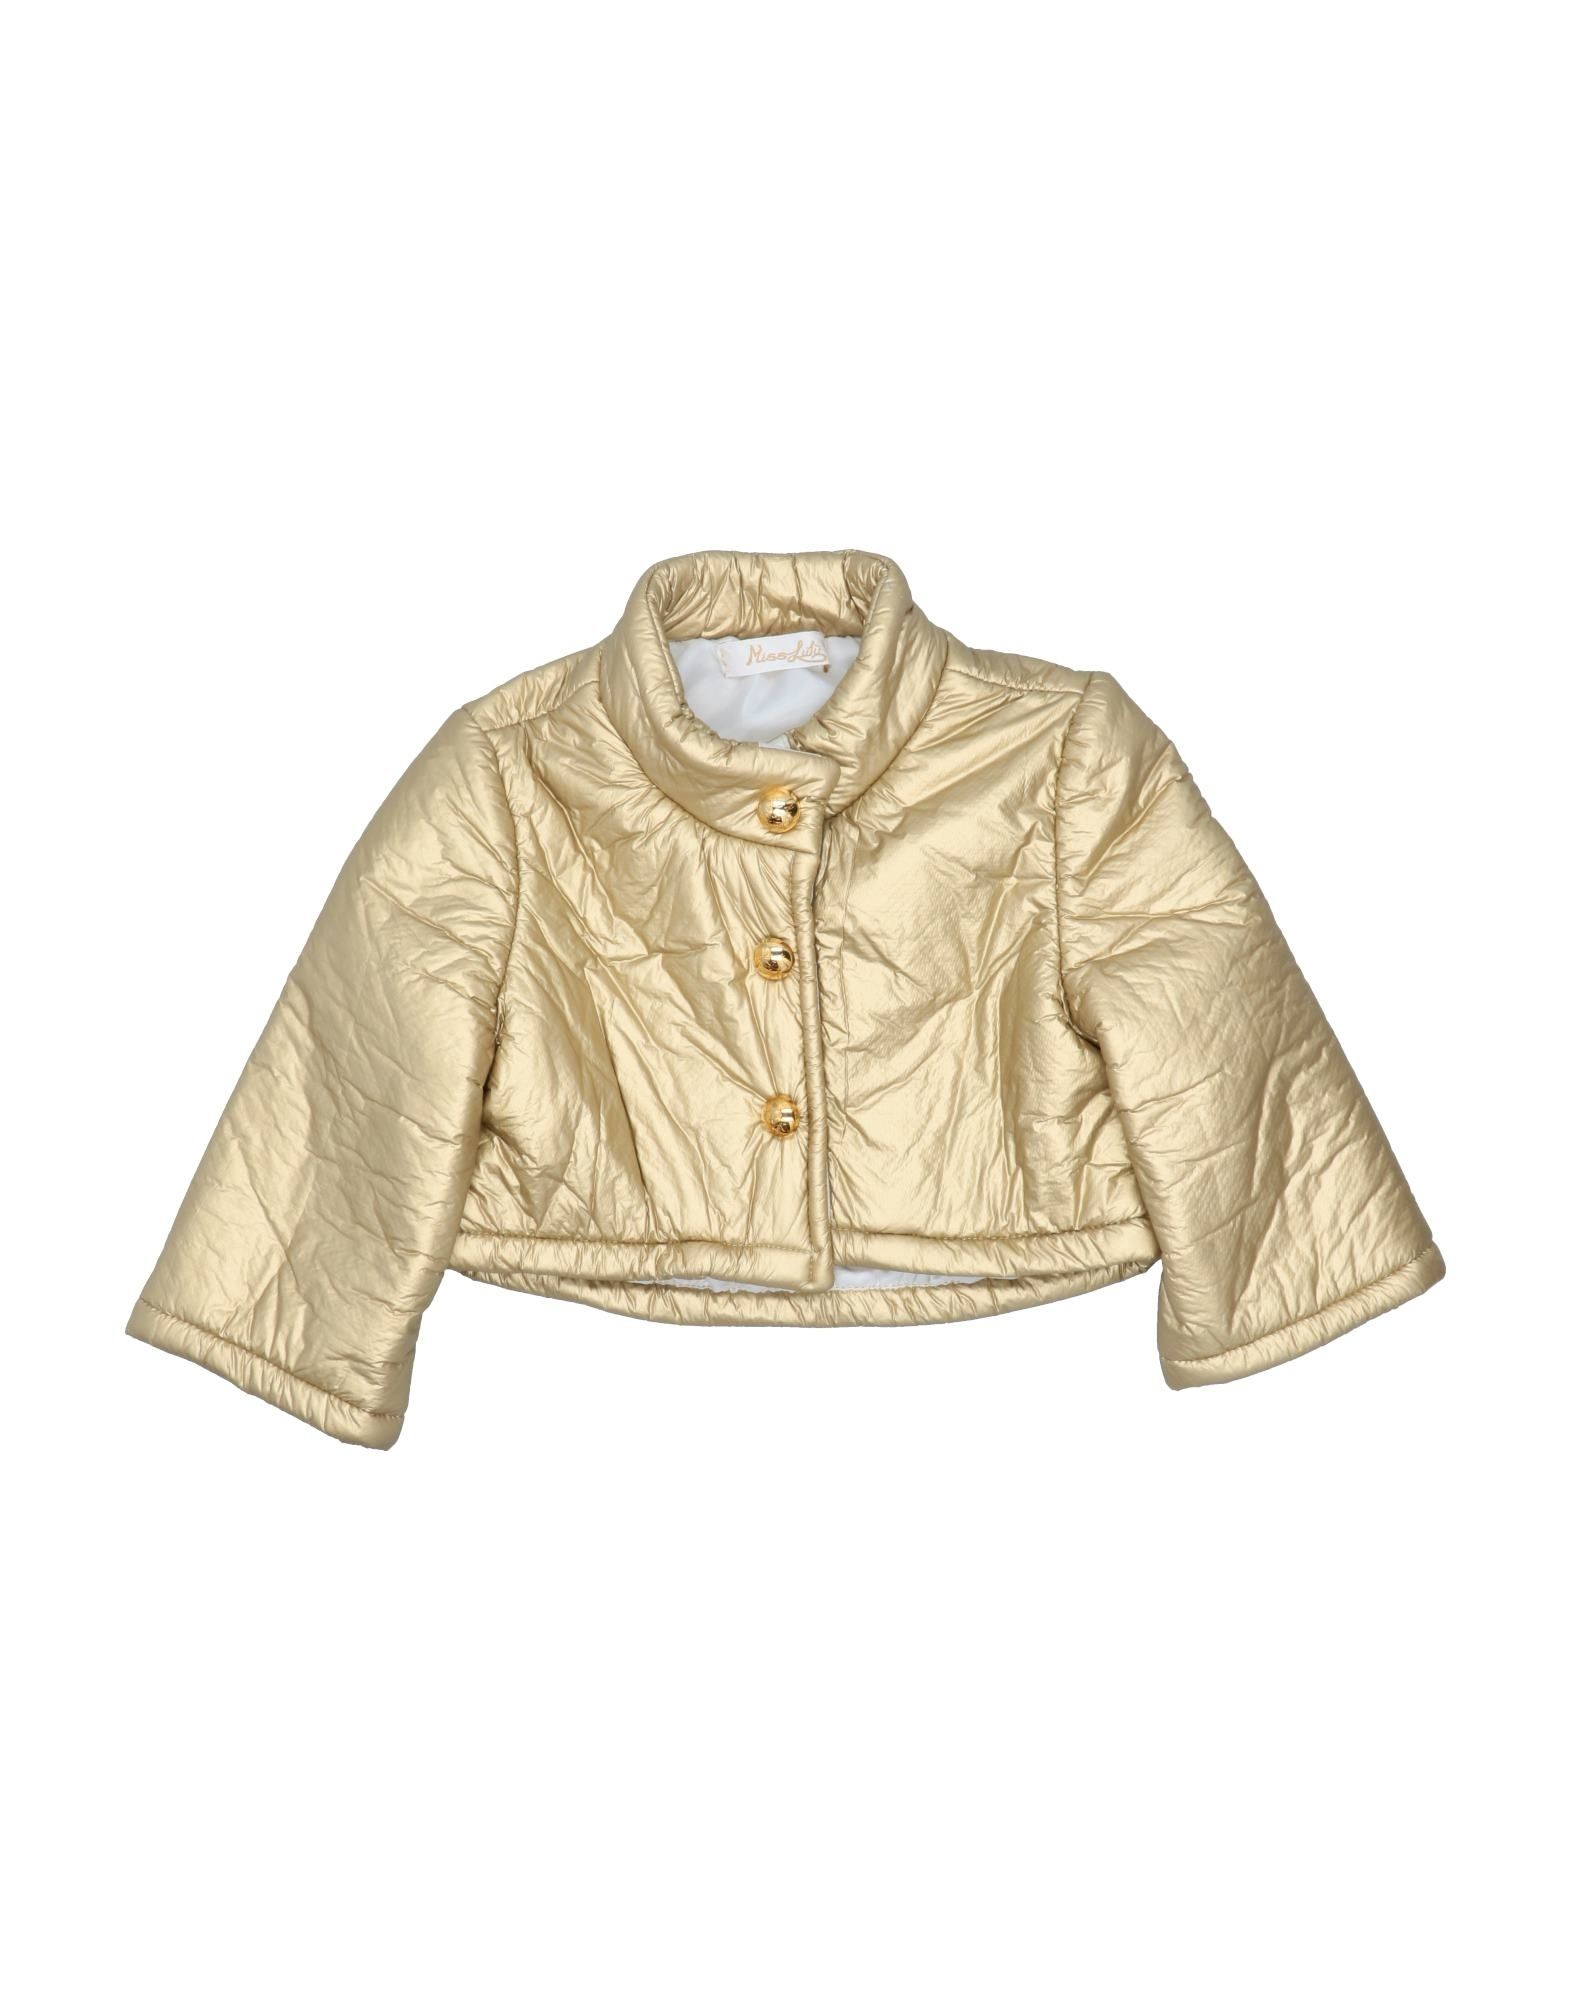 Miss Lulù Kids' Jackets In Gold